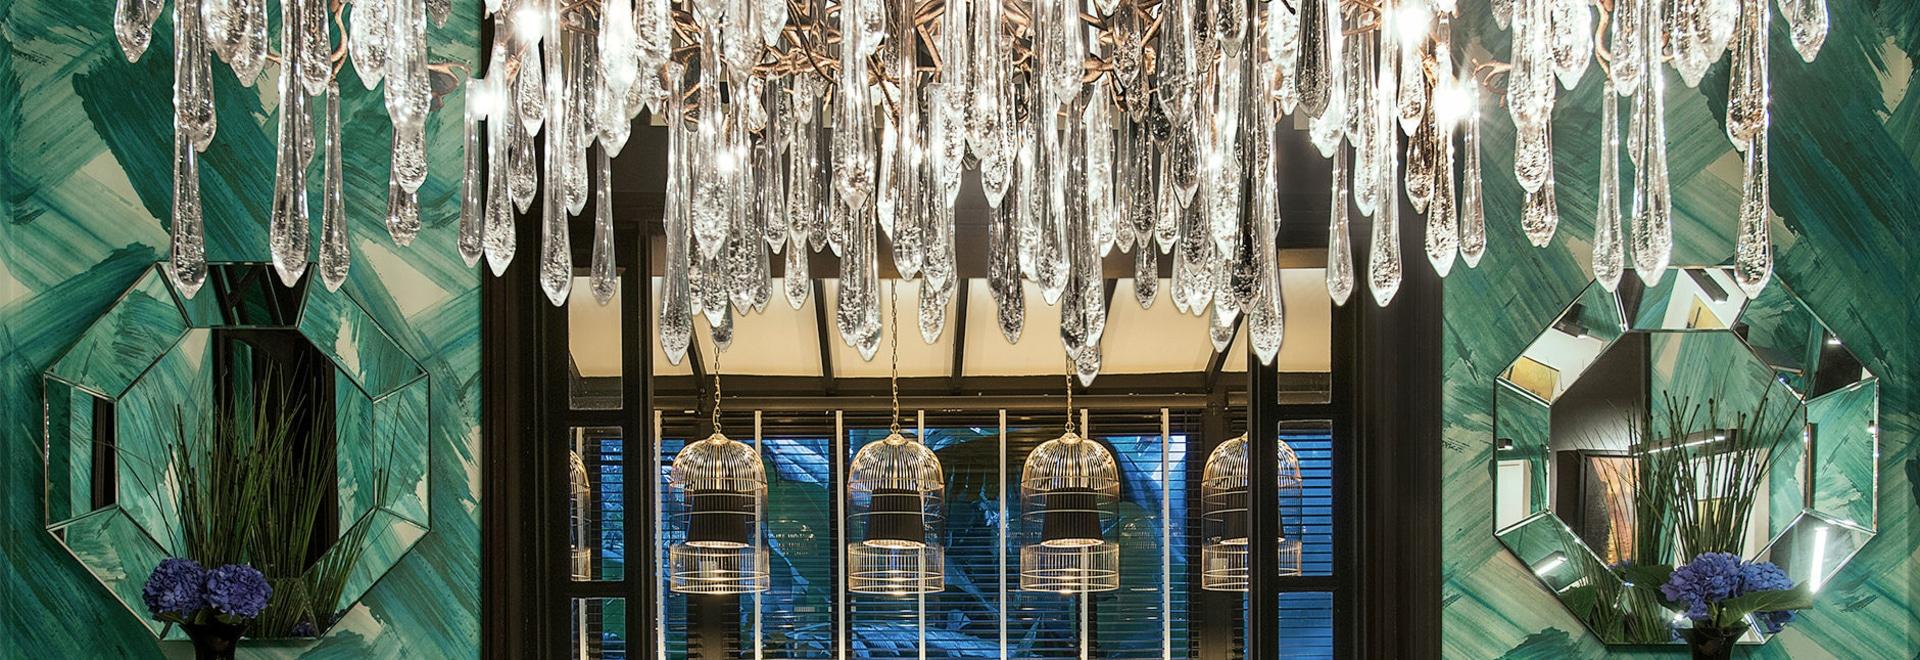 Leuchter Serip Aqua Collection in einem Singapur-Wohnprojekt